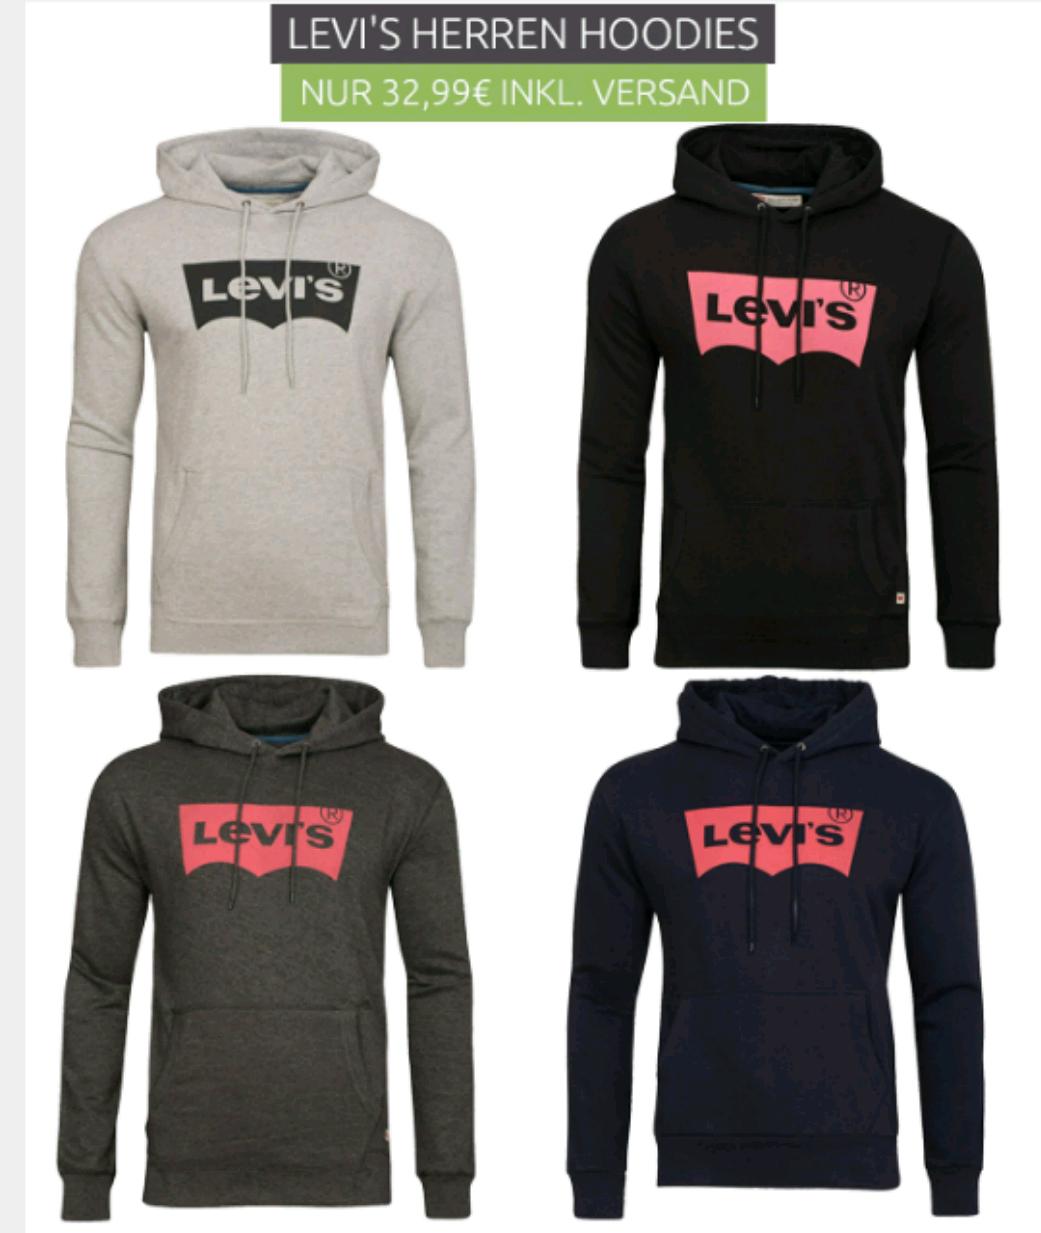 Levis Hoodie 4 Farben alle Größen 32,99€ (Preisvergleich 52€) Outlet46